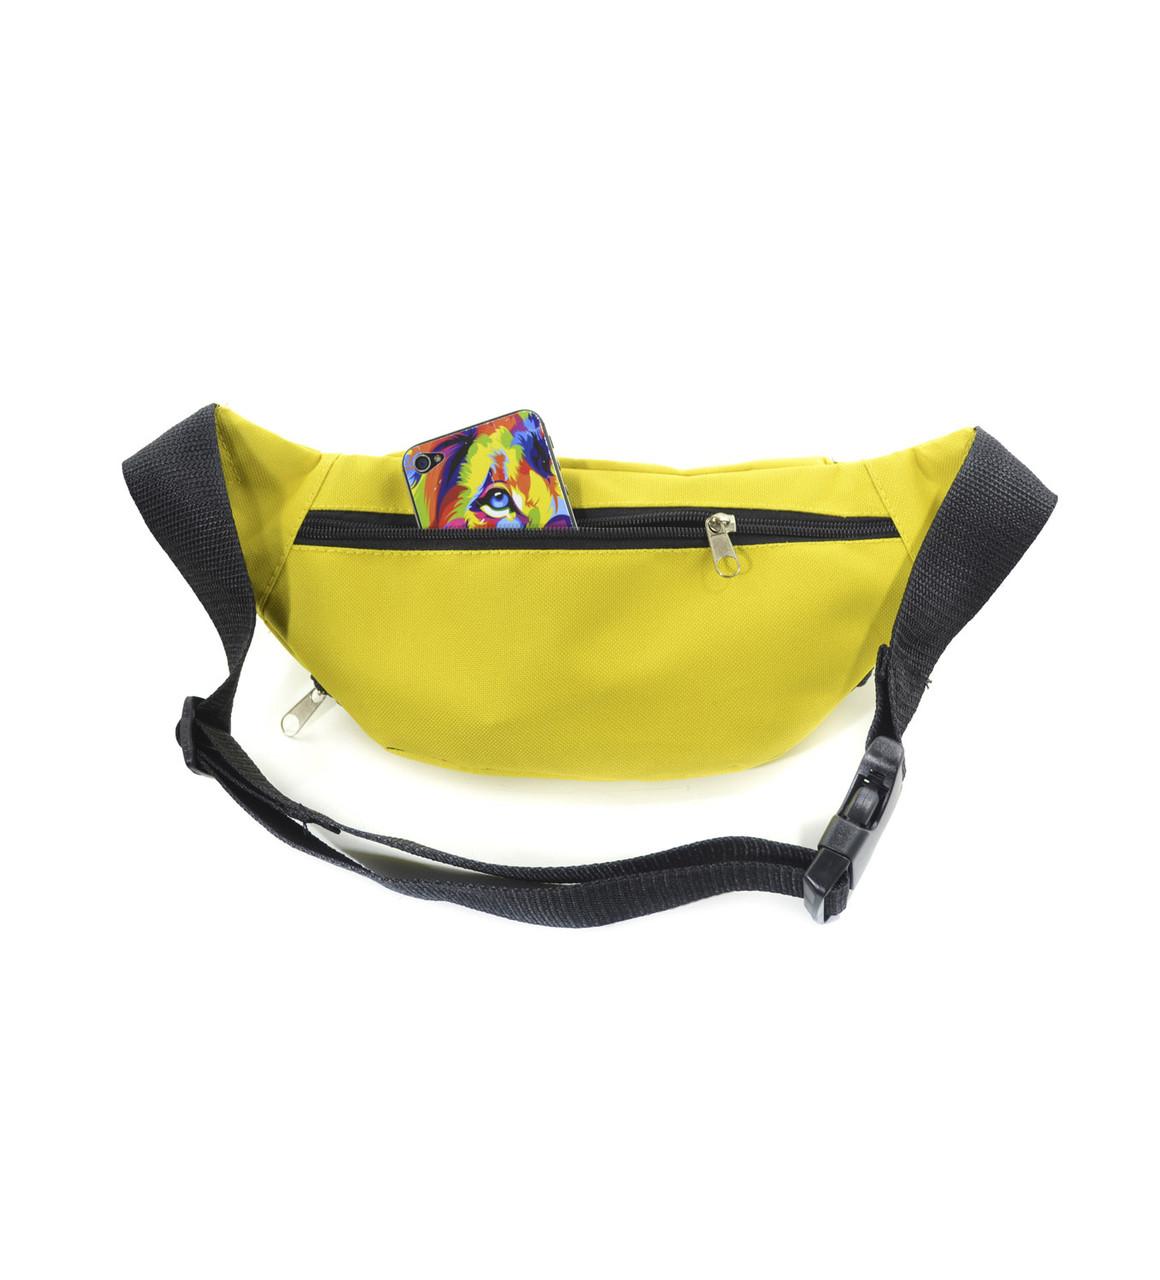 83990eca8322 ... Поясная сумка бананка желтая Banan Surikat (сумка на пояс, сумки, сумк  3 ...